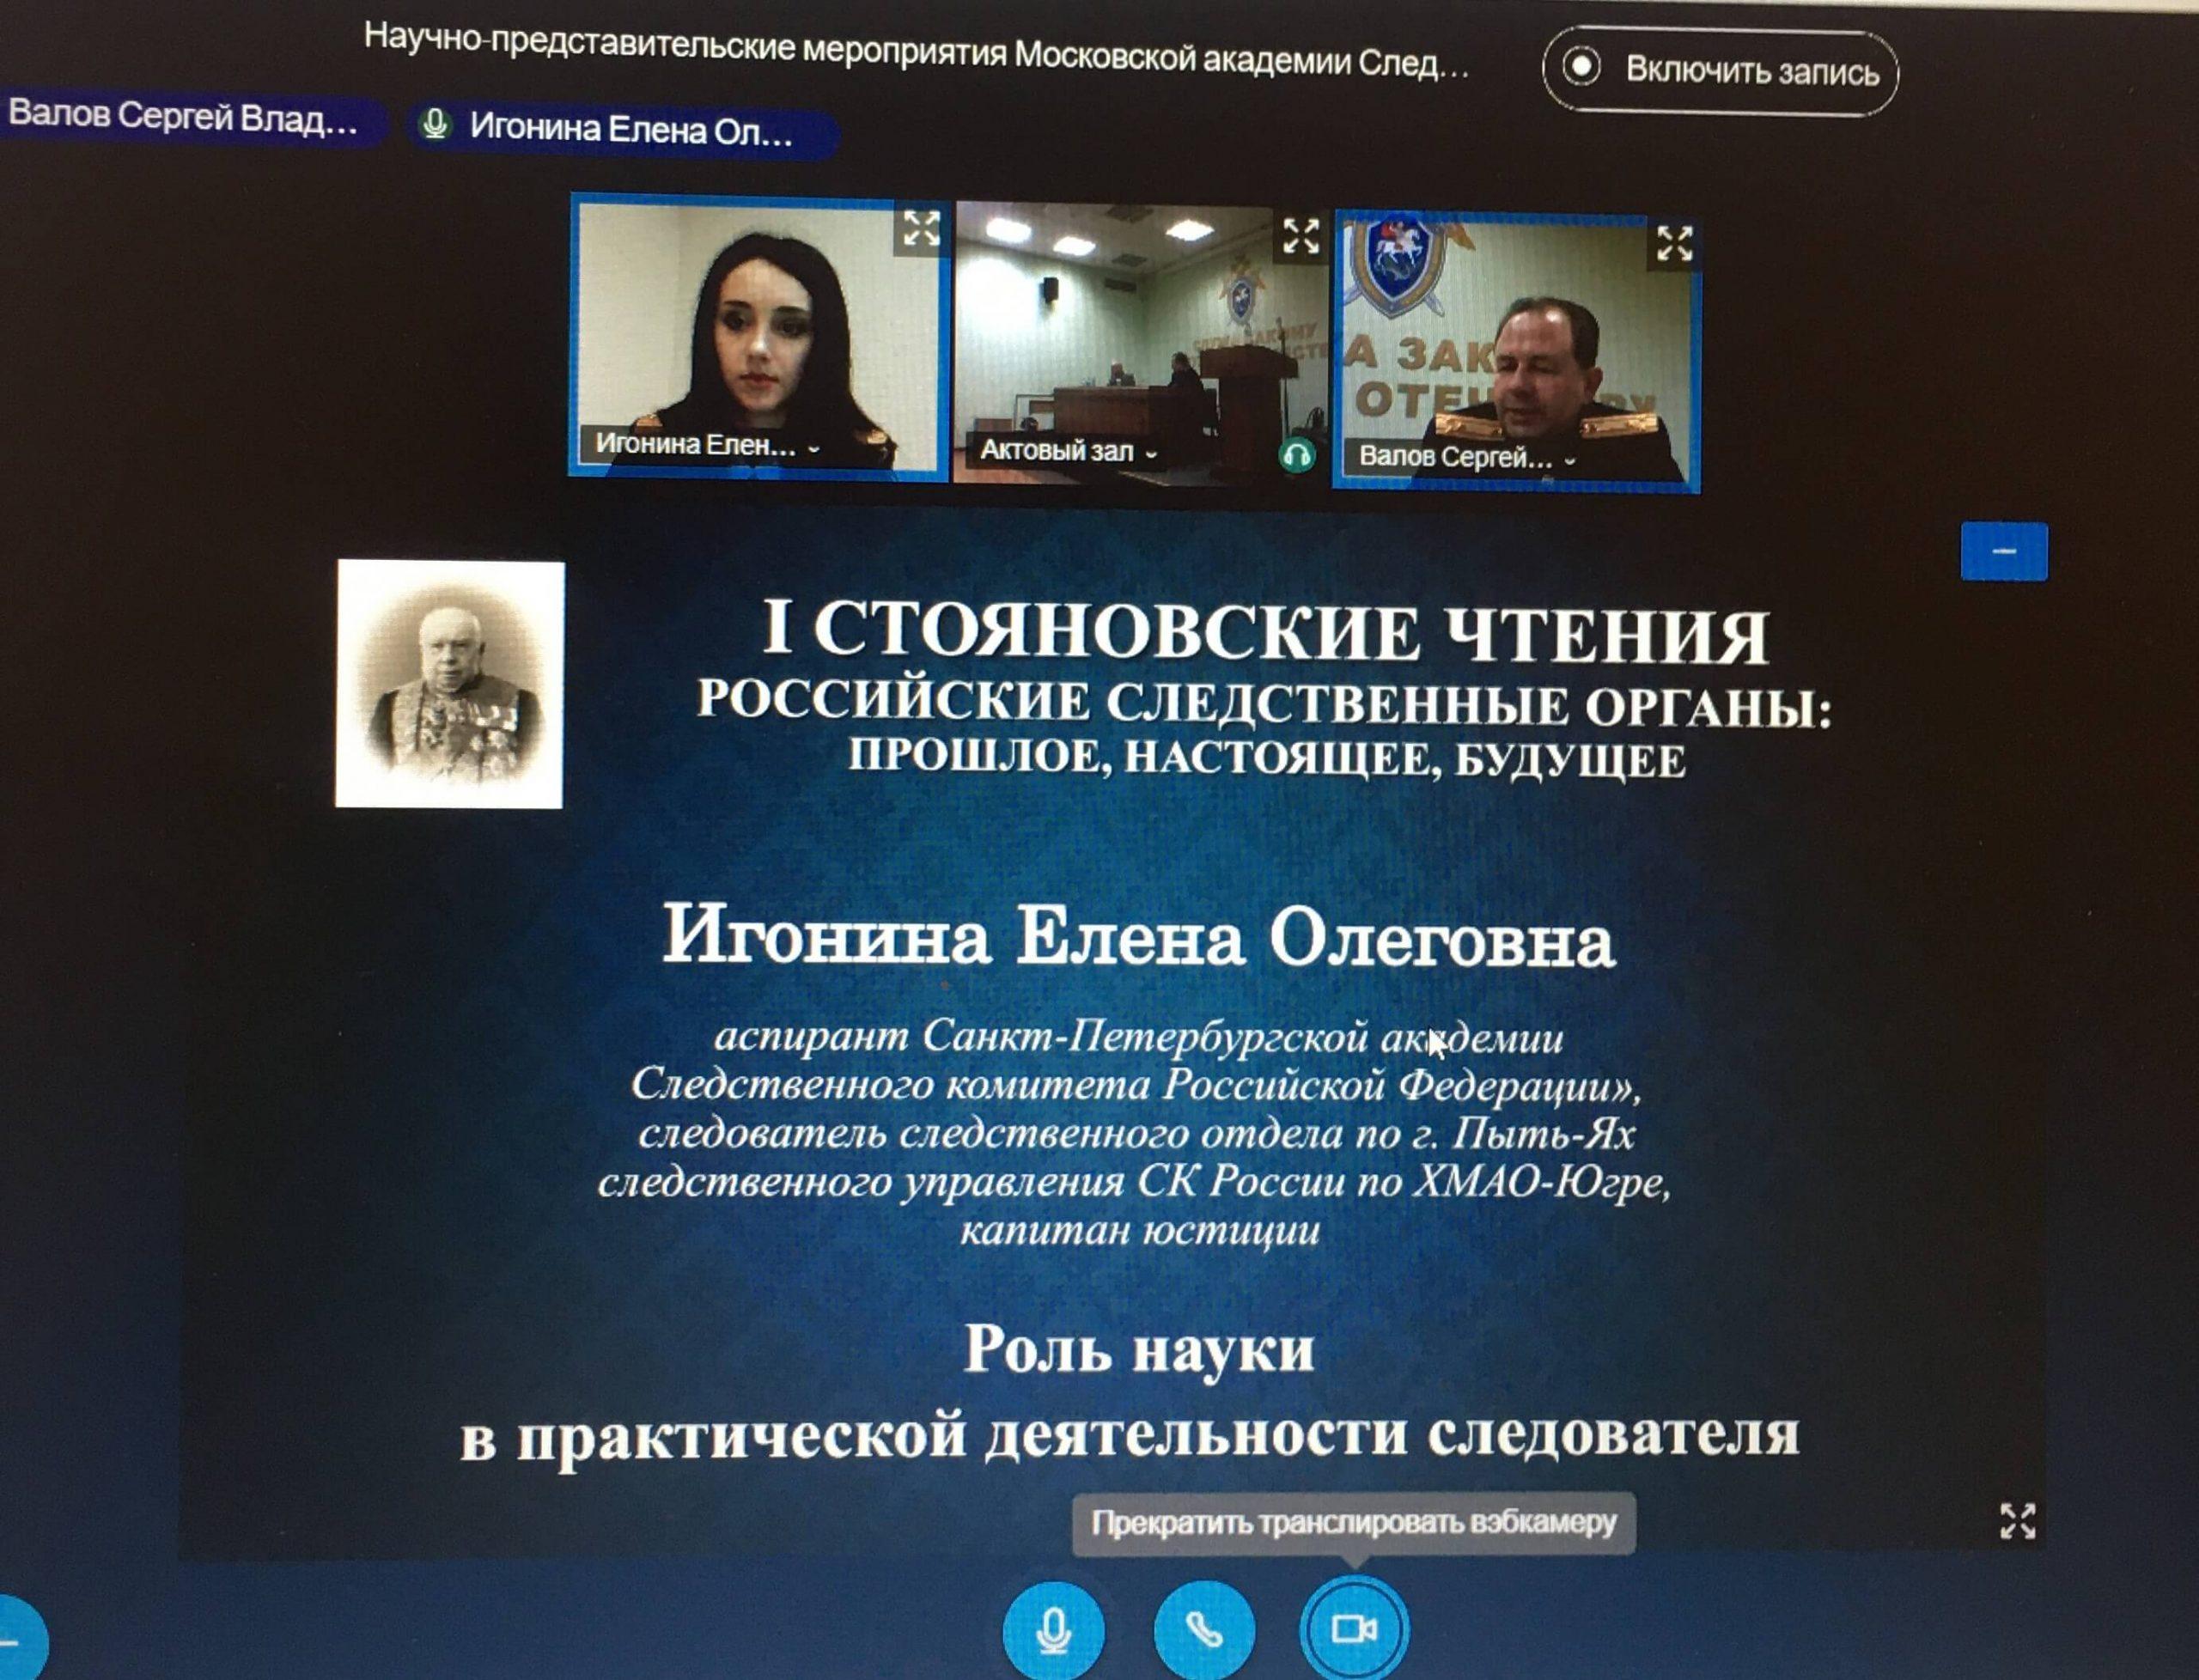 доклад Игониной Е.О.1jpg